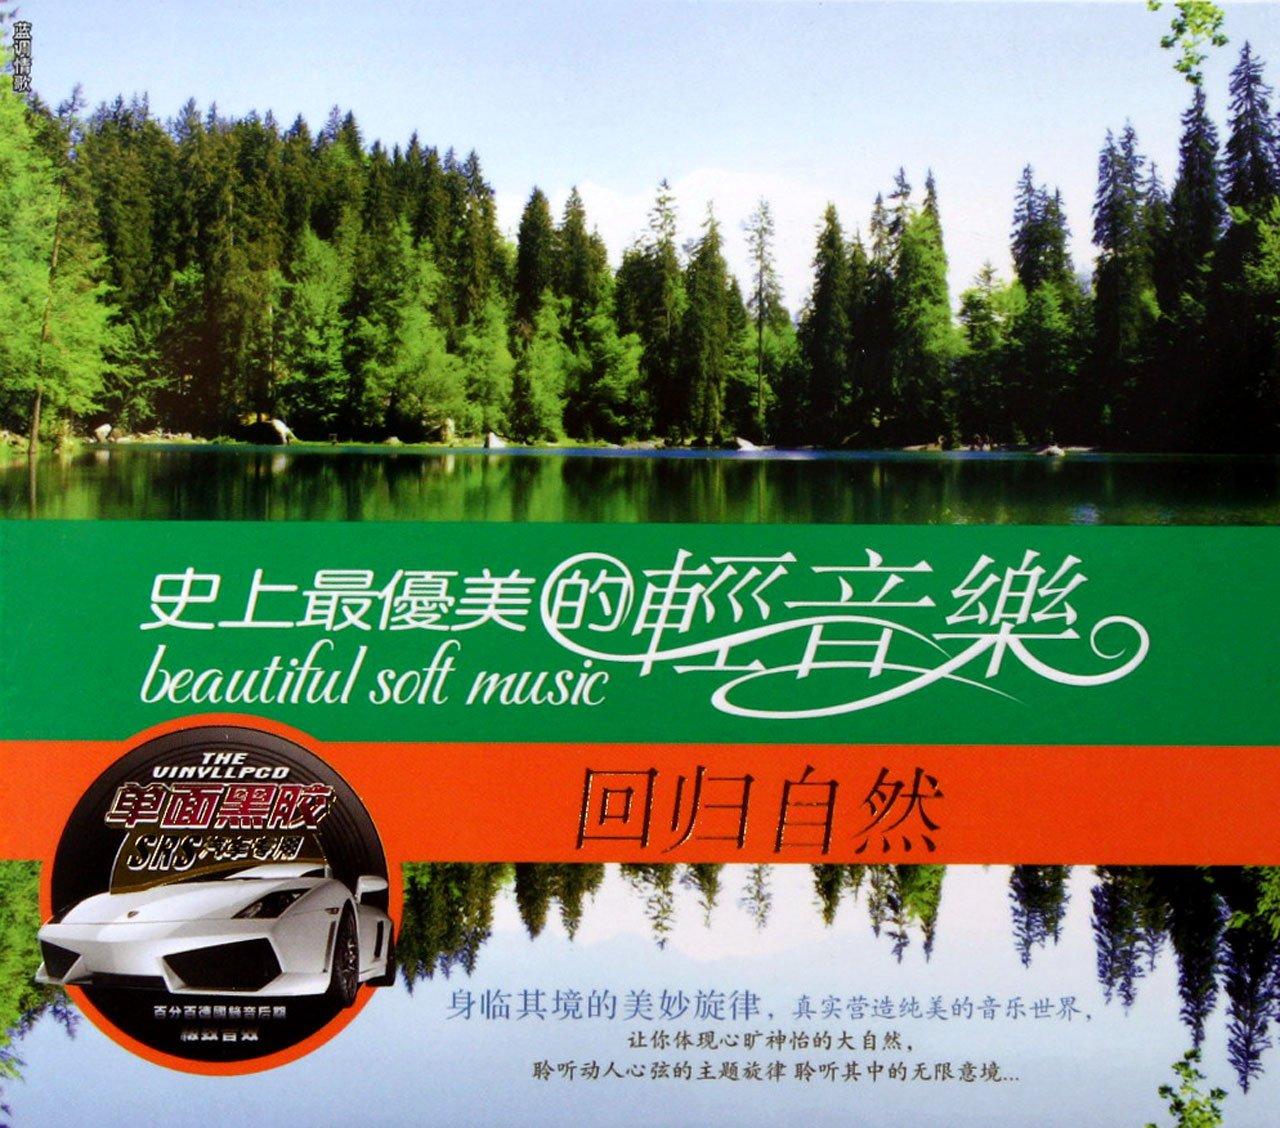 cd史上最优美的轻音乐 回归自然>(3碟装)